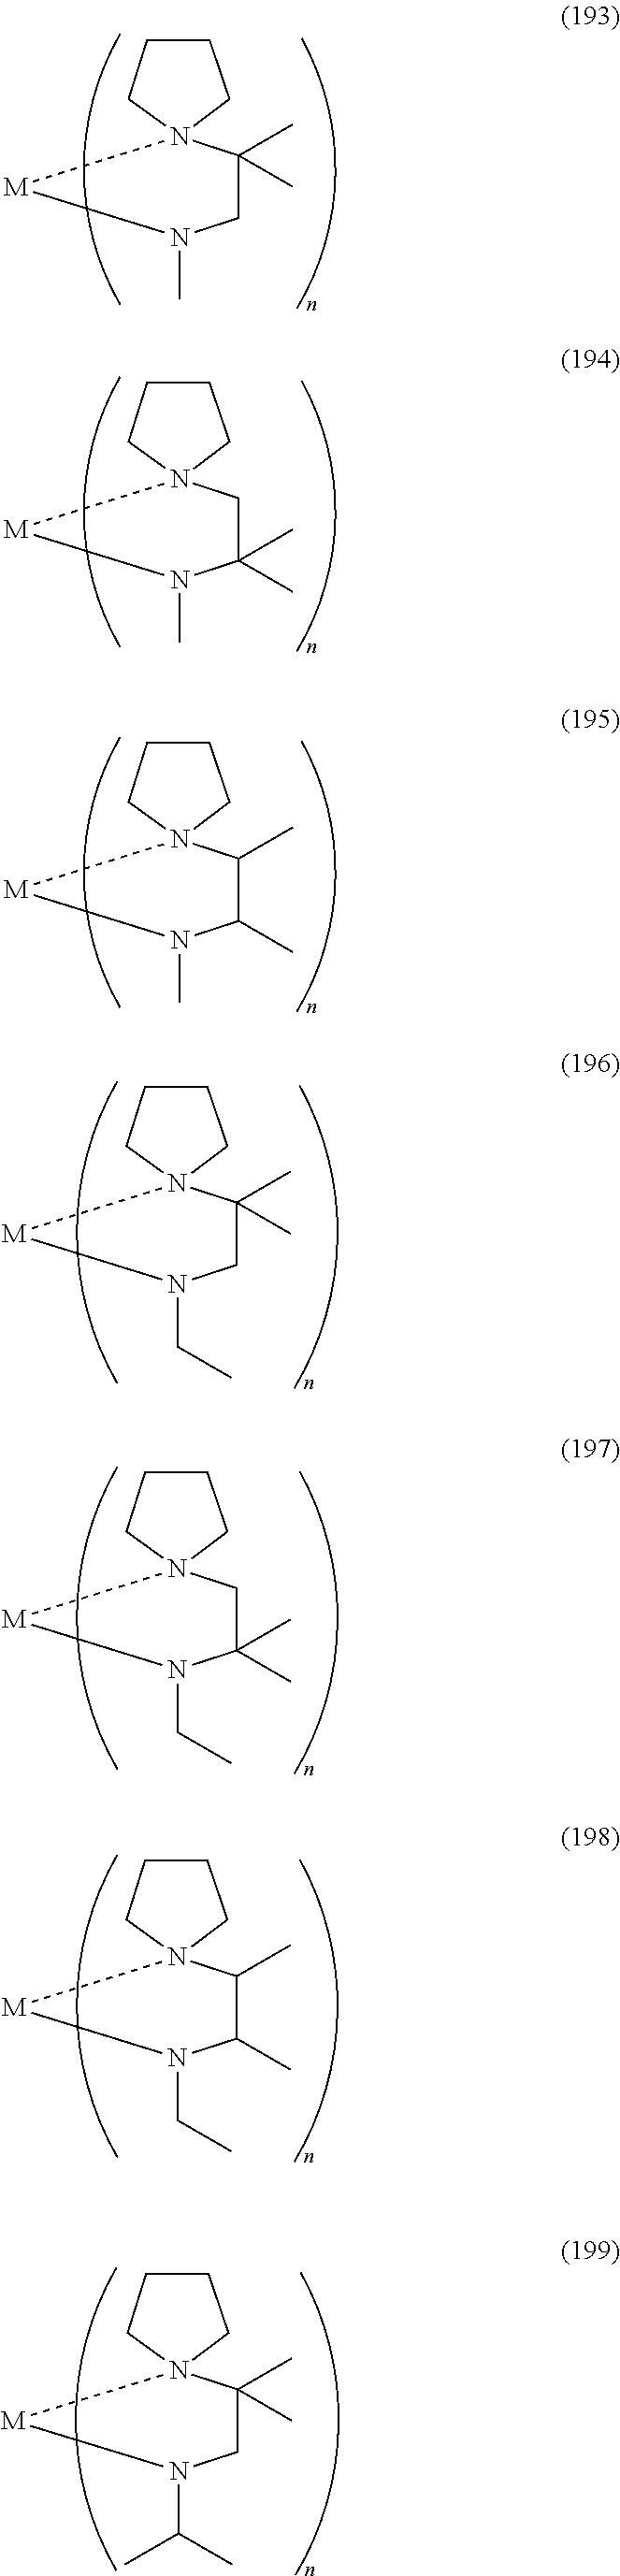 Figure US08871304-20141028-C00042